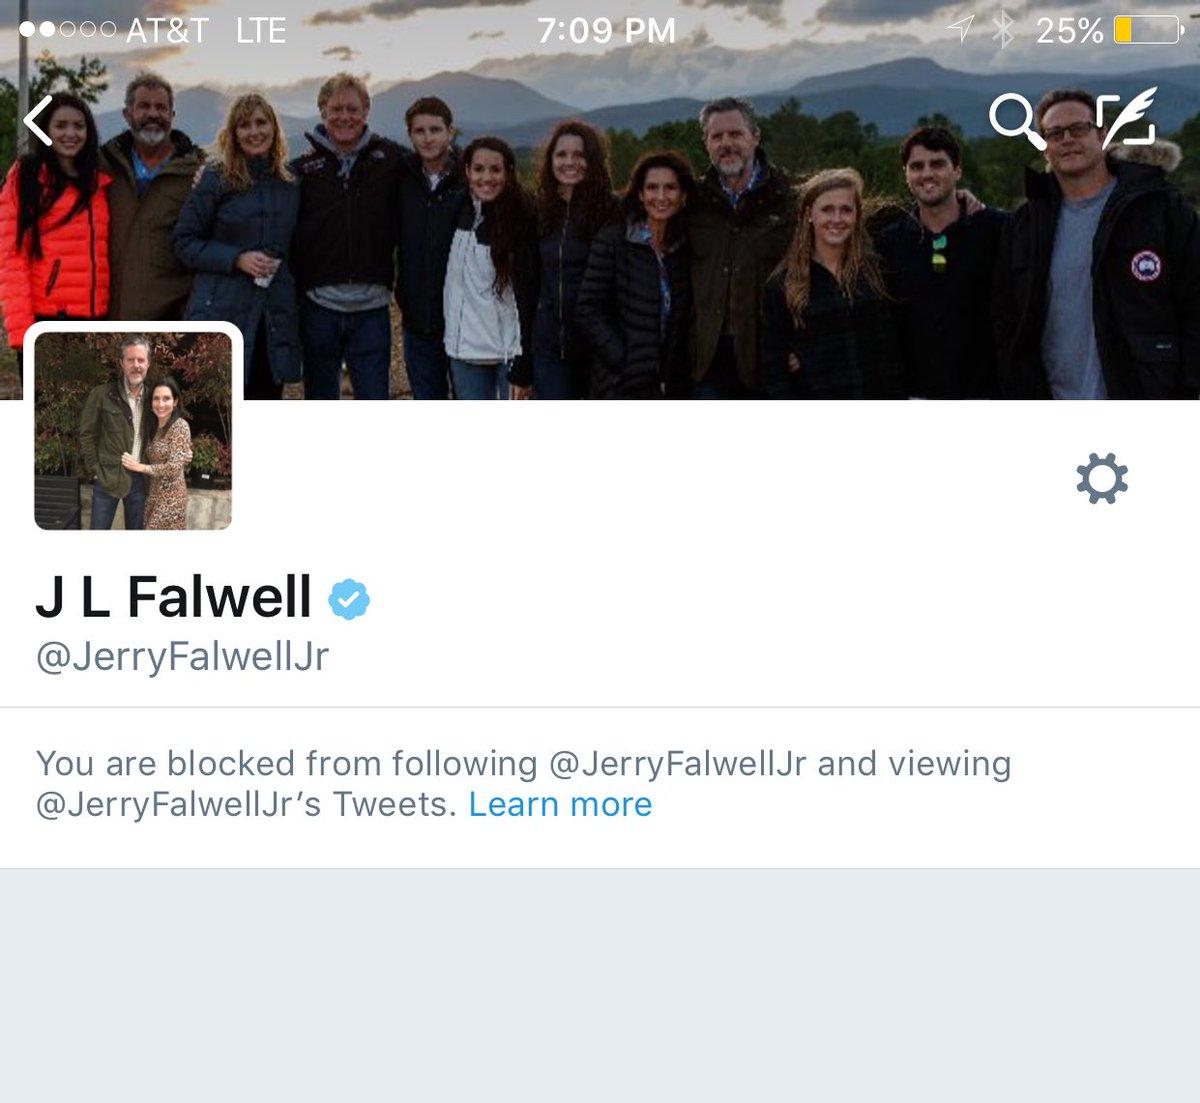 Jerry Falwell, Jr. is a charlatan. https://t.co/4LEmJBKOfh